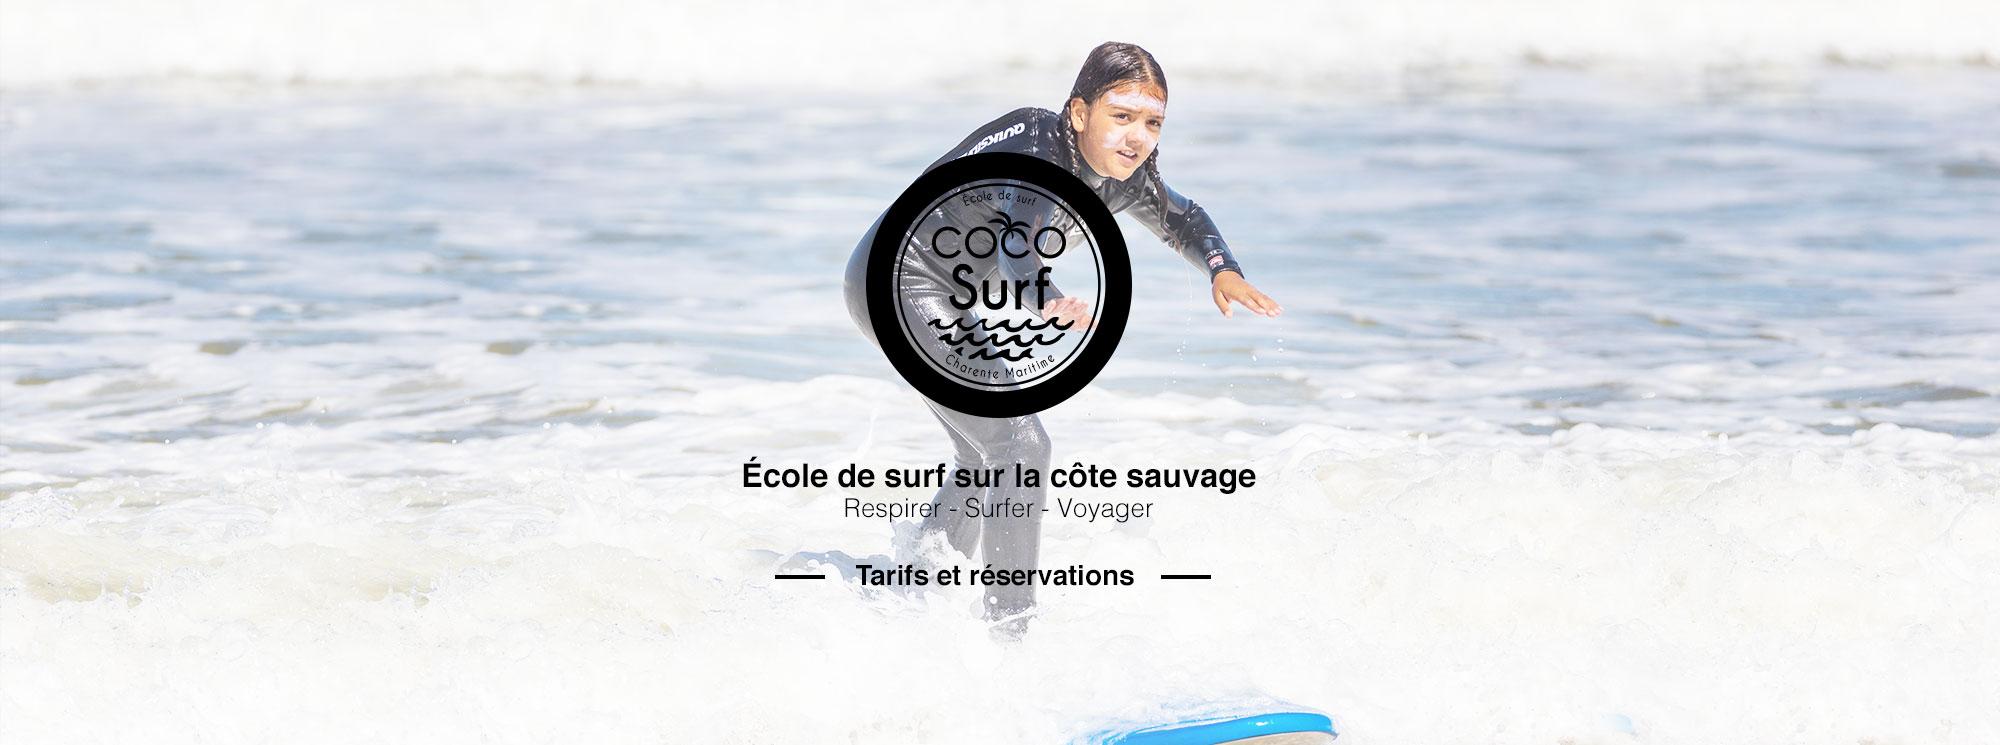 slide tarifs et réservations Coco Surf